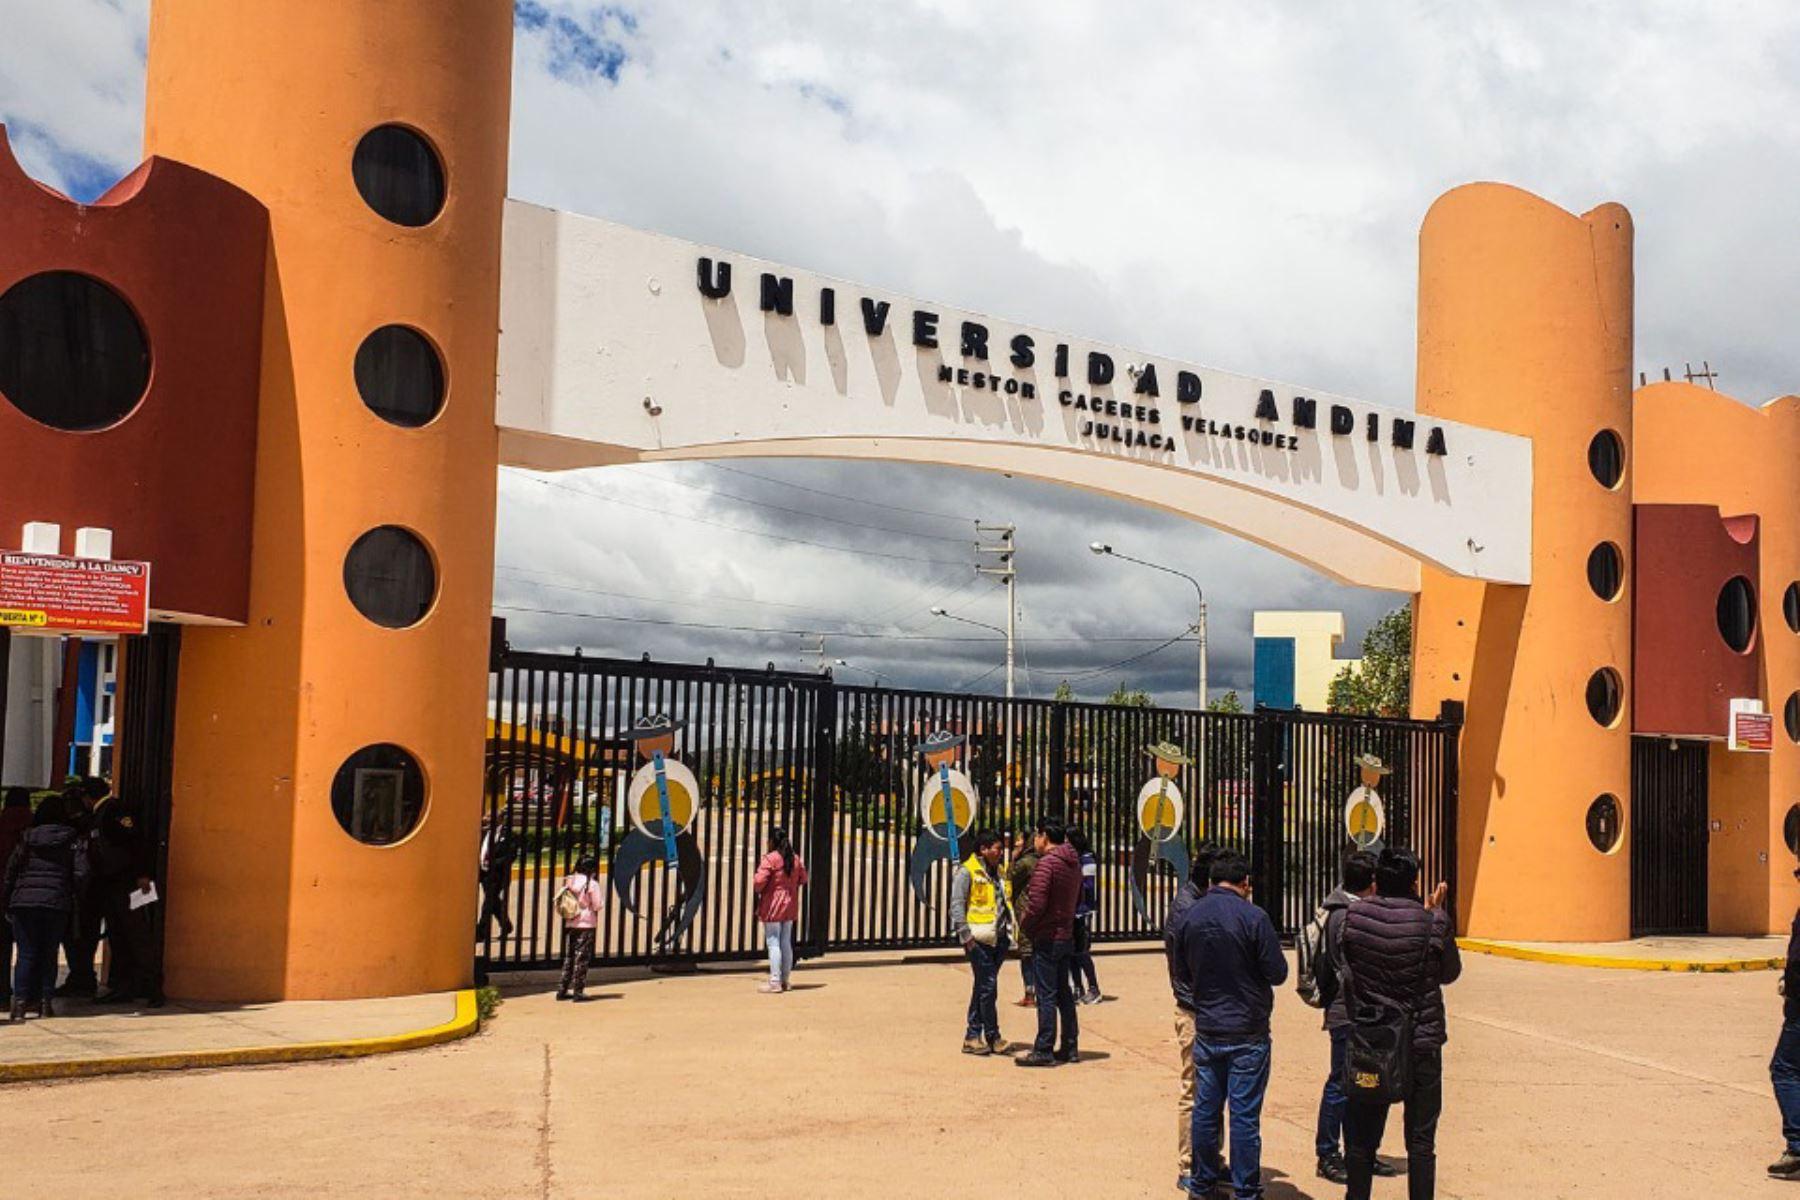 La Universidad Andina Néstor Cáceres Velásquez, con sedes en Puno y Arequipa, fue creada el 28 de diciembre de 1983.